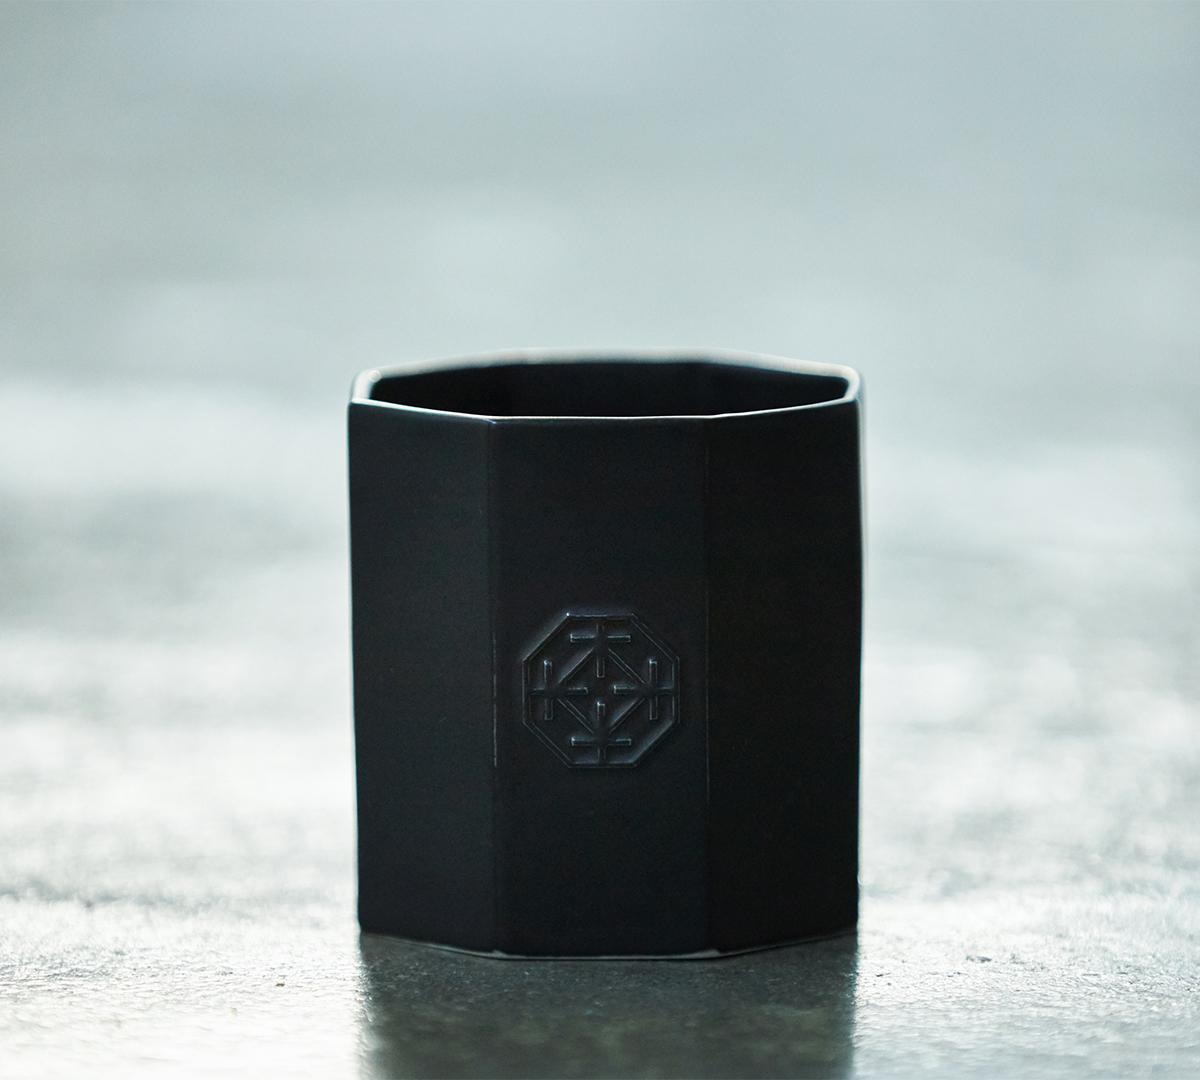 職人の手作業で製作するため、ひとつひとつ表情が異なる八角形の容器。穏やかな炎と心地いいヒノキの香りで、ゆったり癒しの時間を-センティッドキャンドル-KITOWA(キトワ)